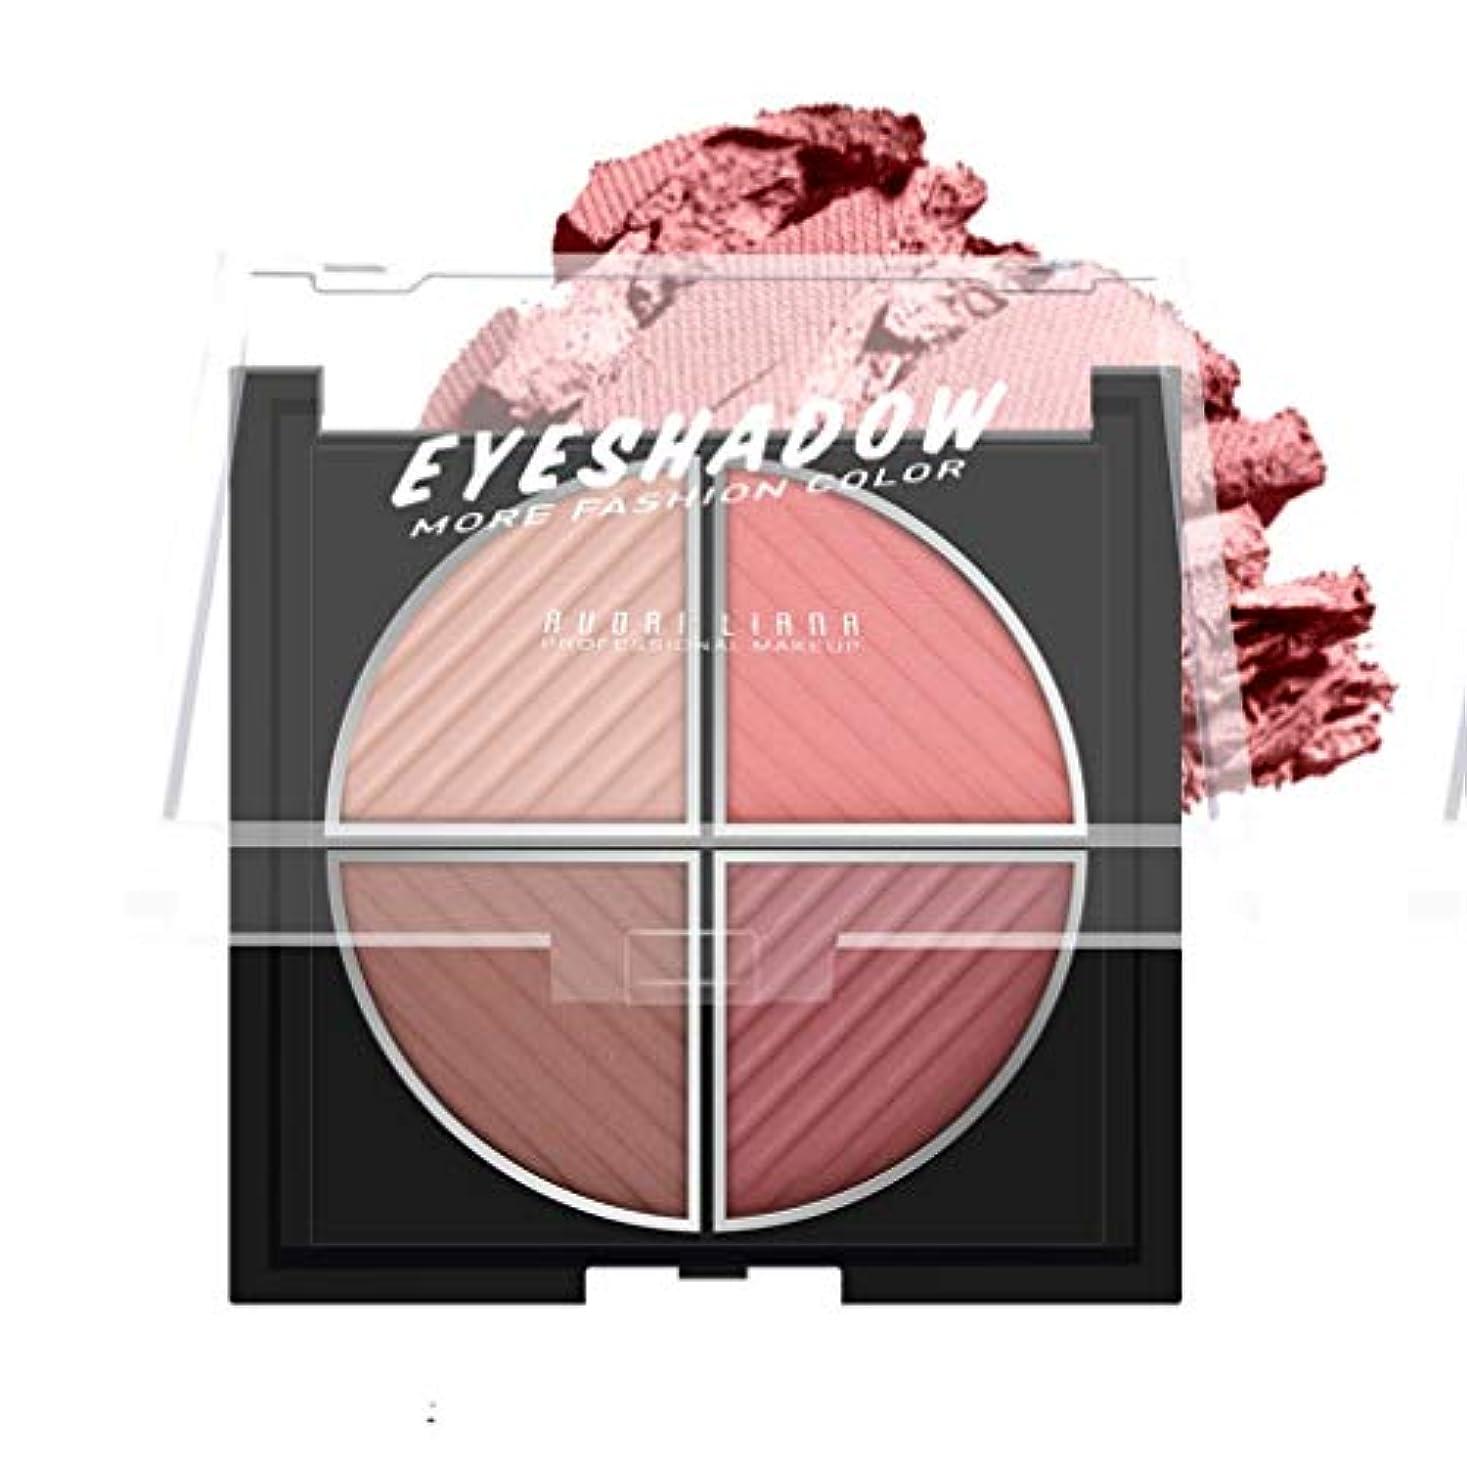 酒神社しっとり4色の化粧品メイクアップアイシャドウロングラスティングアイシャドウのメイクアップパレット